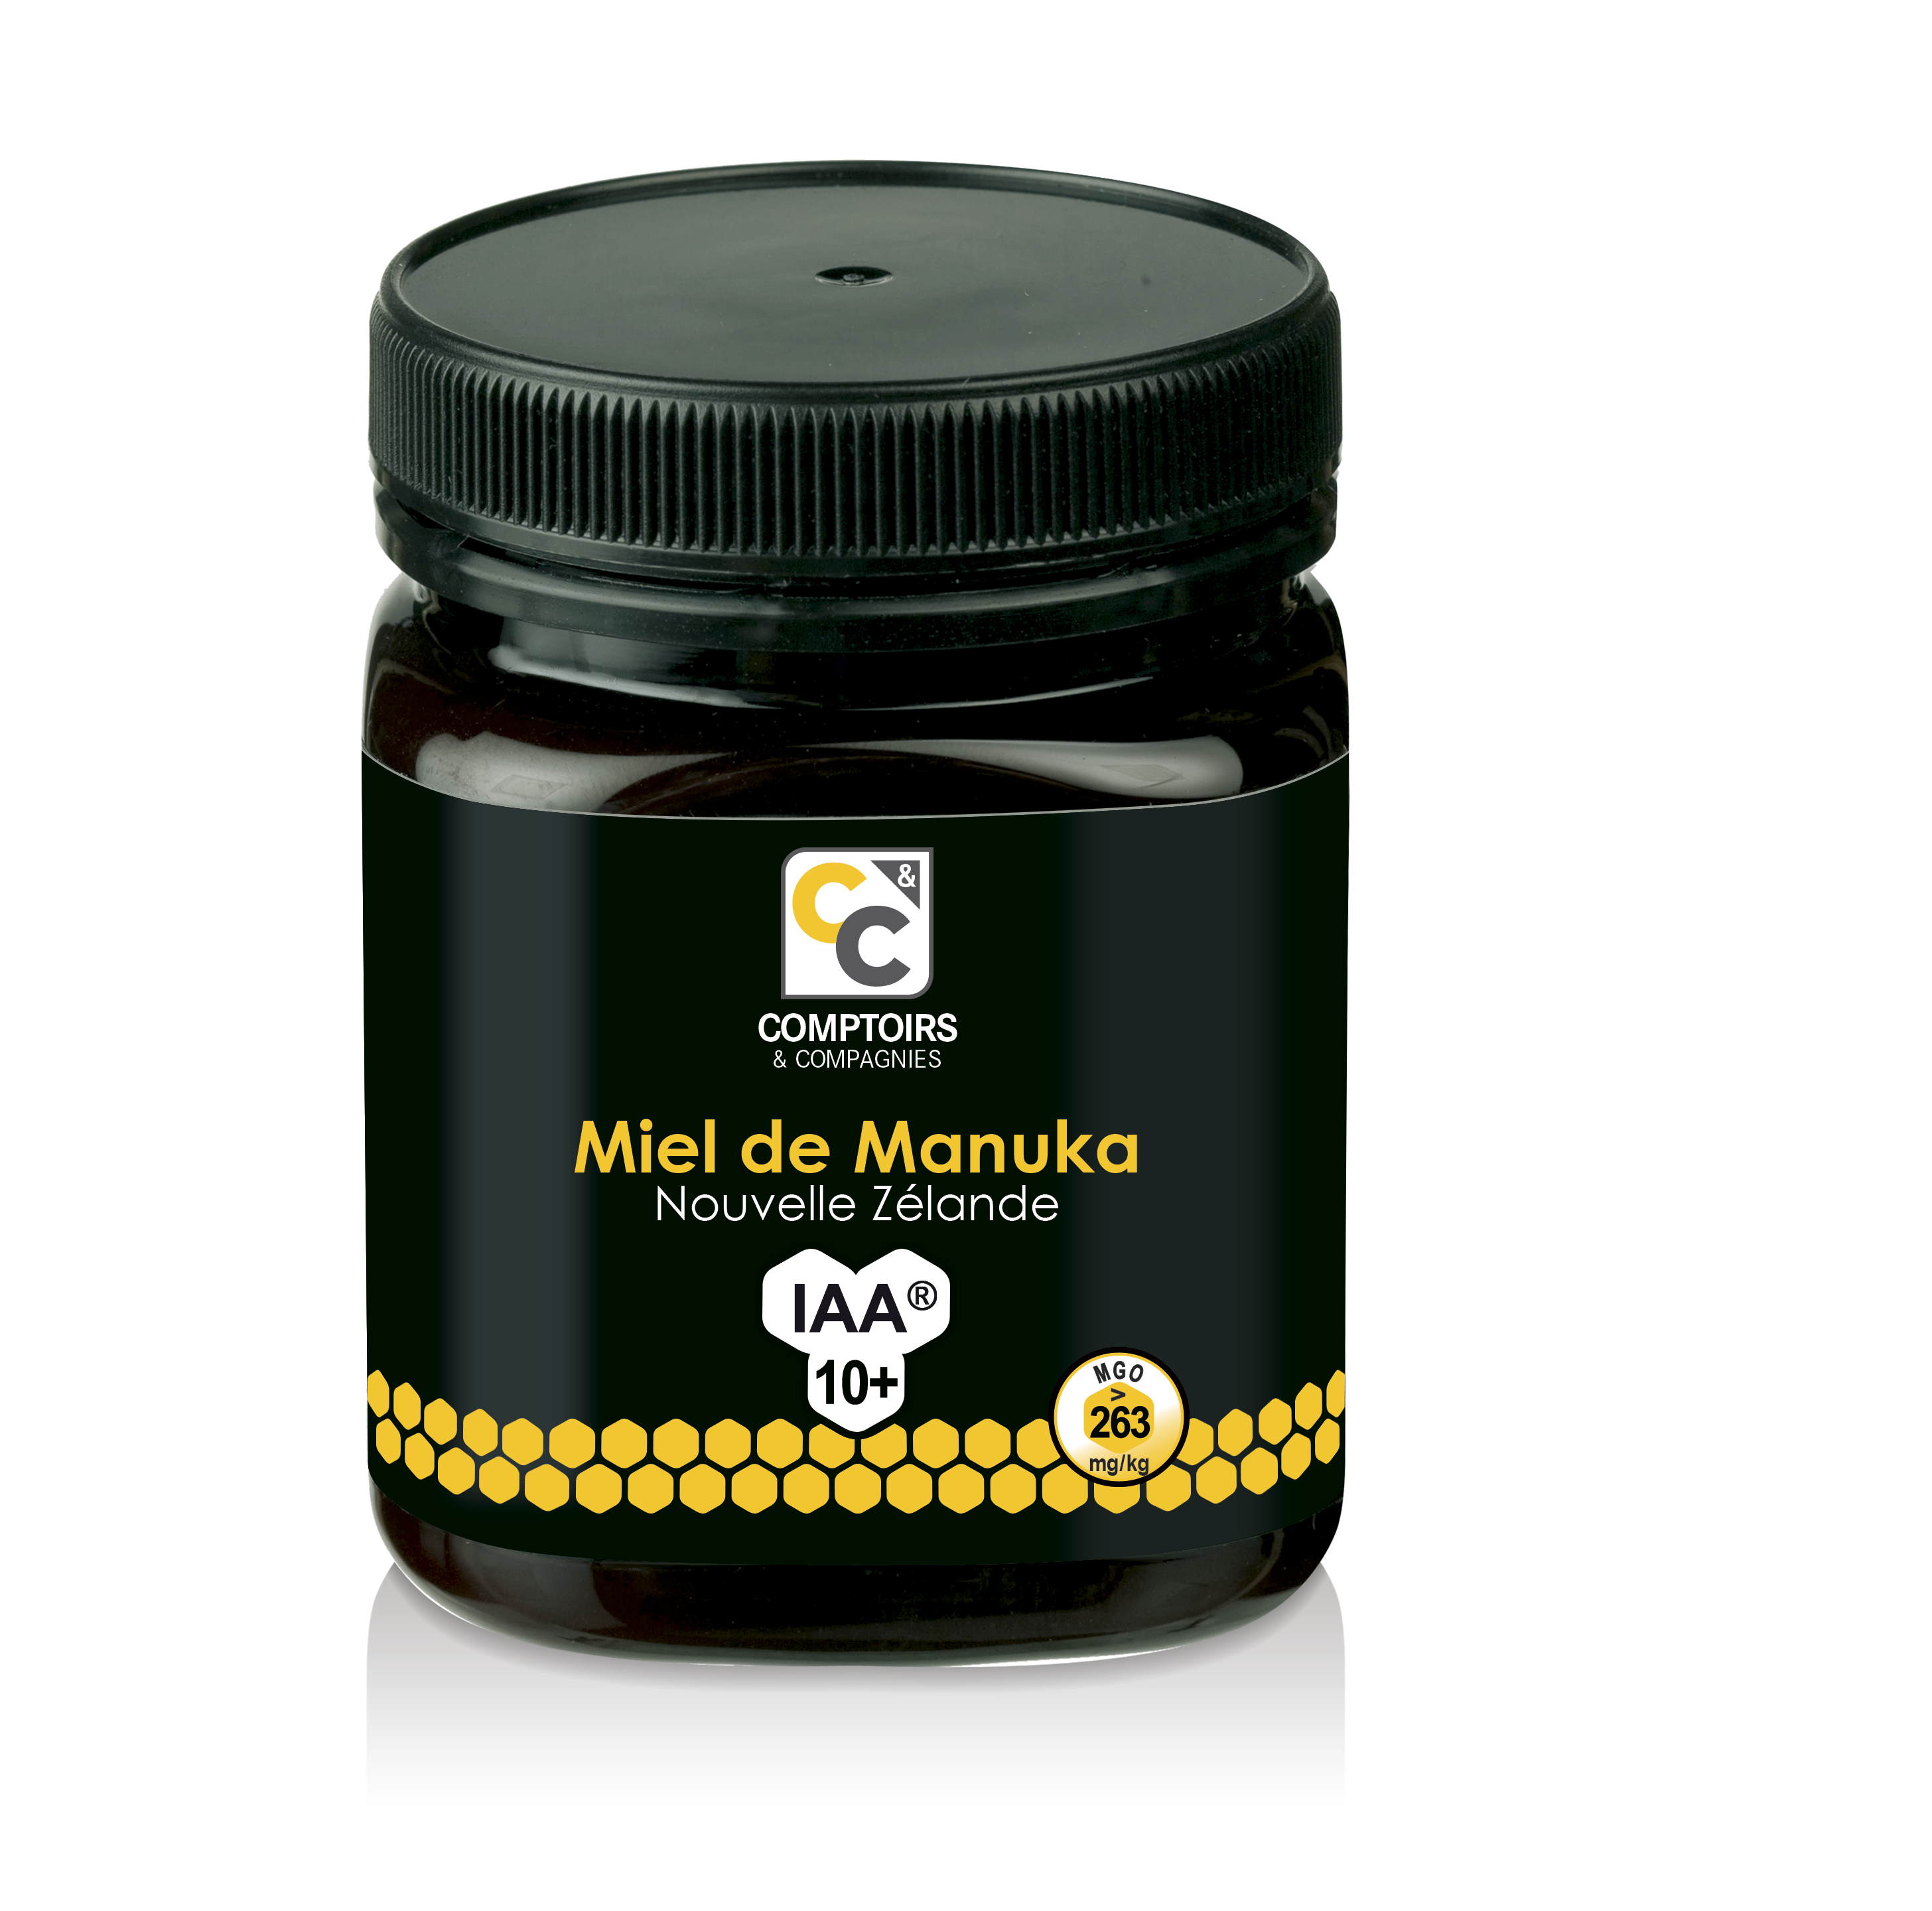 Miel de Manuka IAA10+ (pot de 250gr)